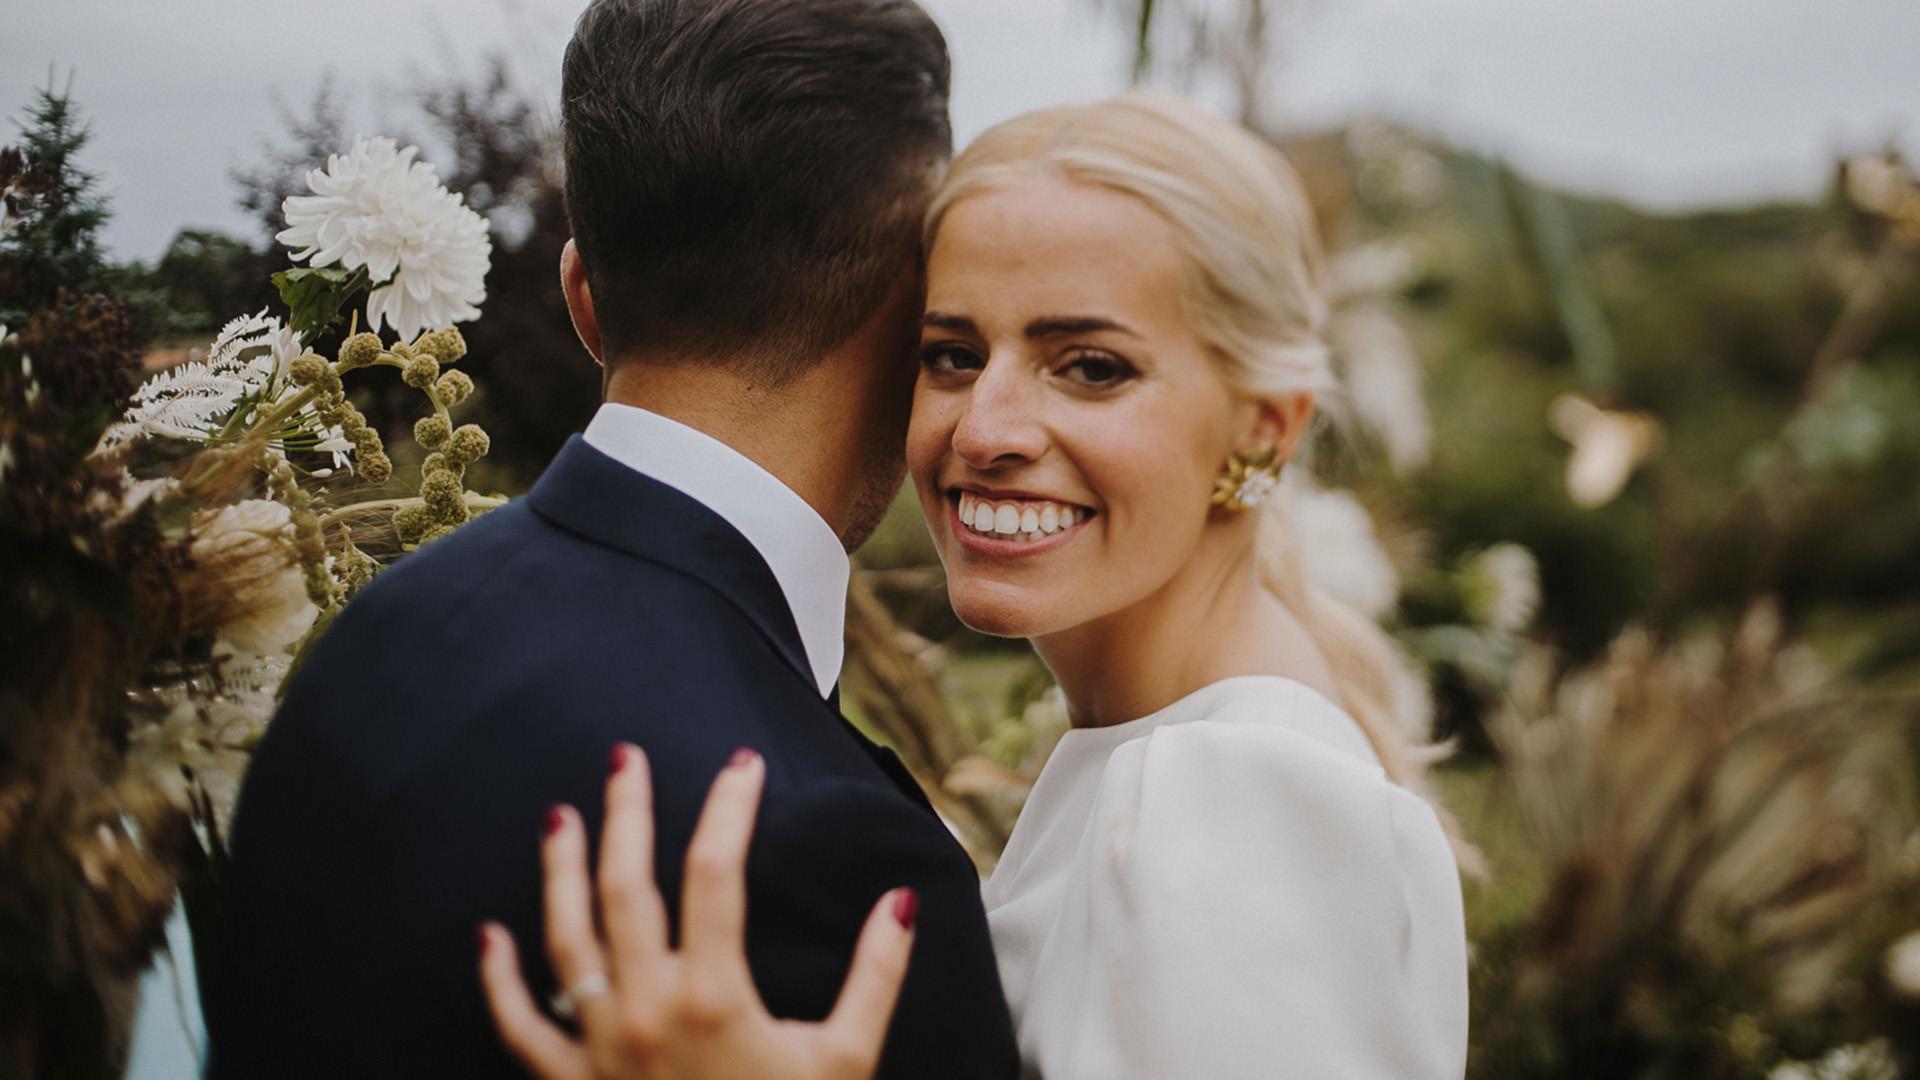 Esti x Endika. Vídeo de boda en Caserío Olagorta.